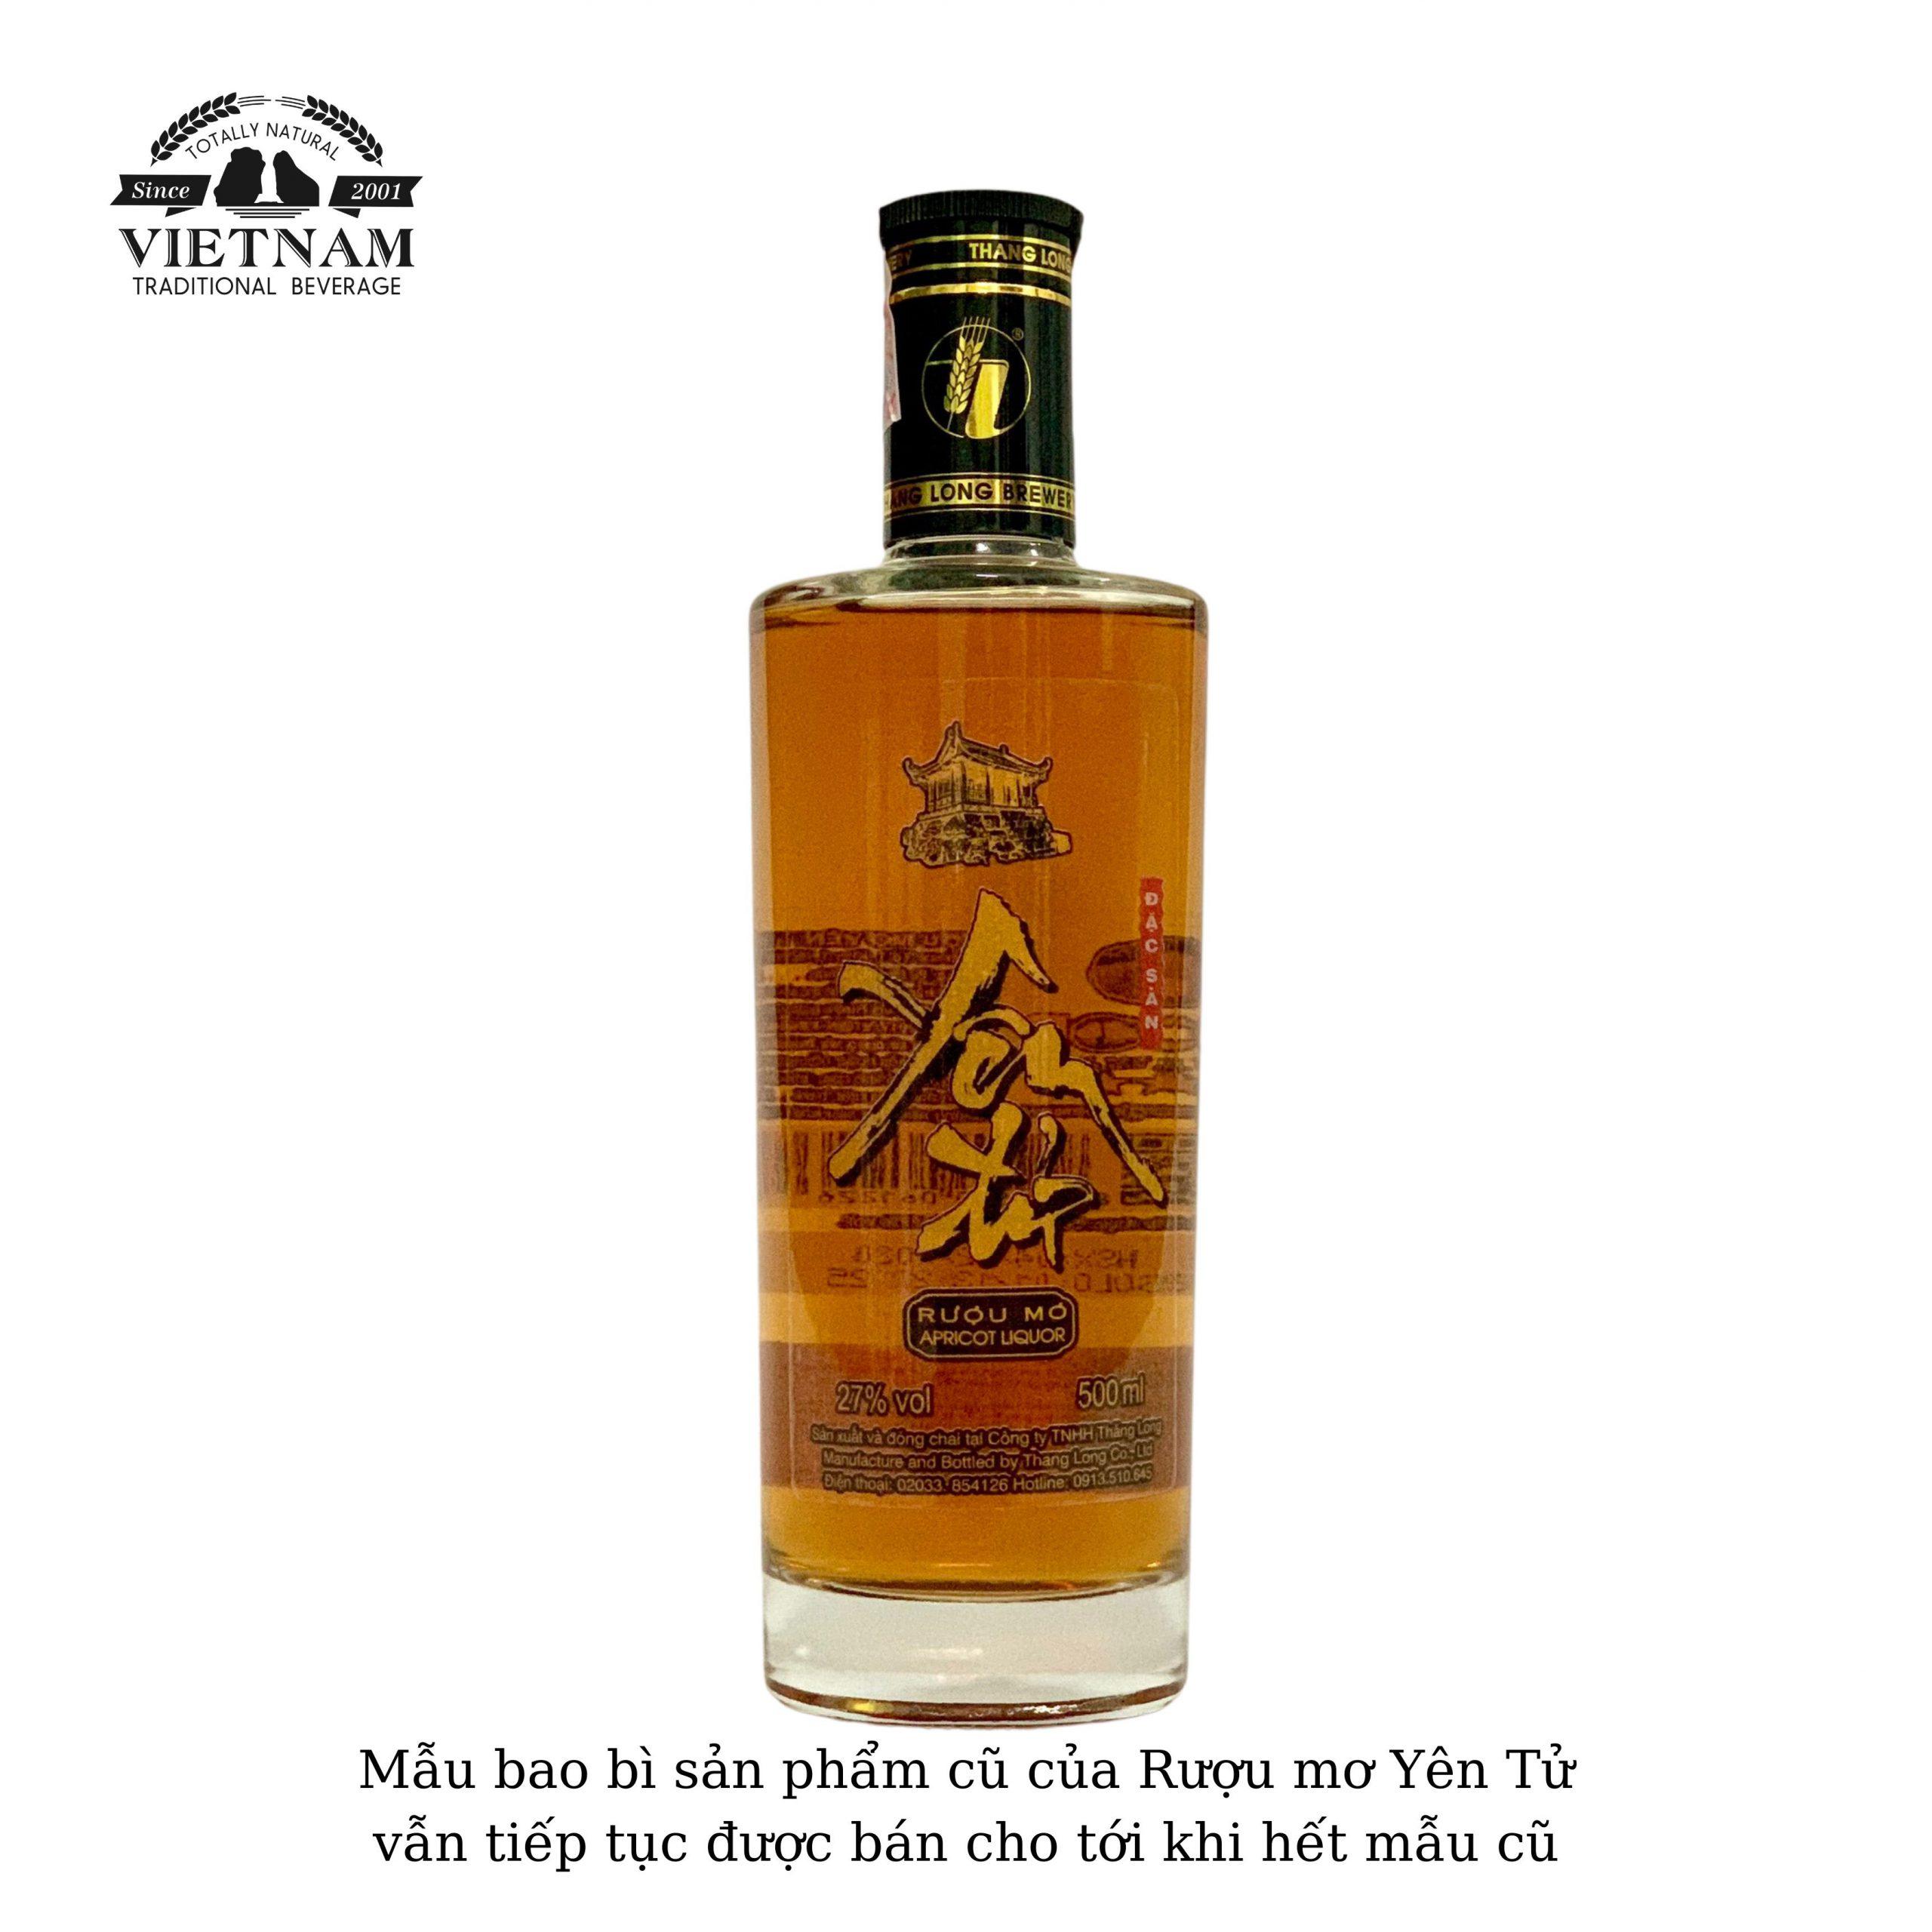 Mẫu bao bì cũ của sản phẩm Rượu mơ Yên Tử